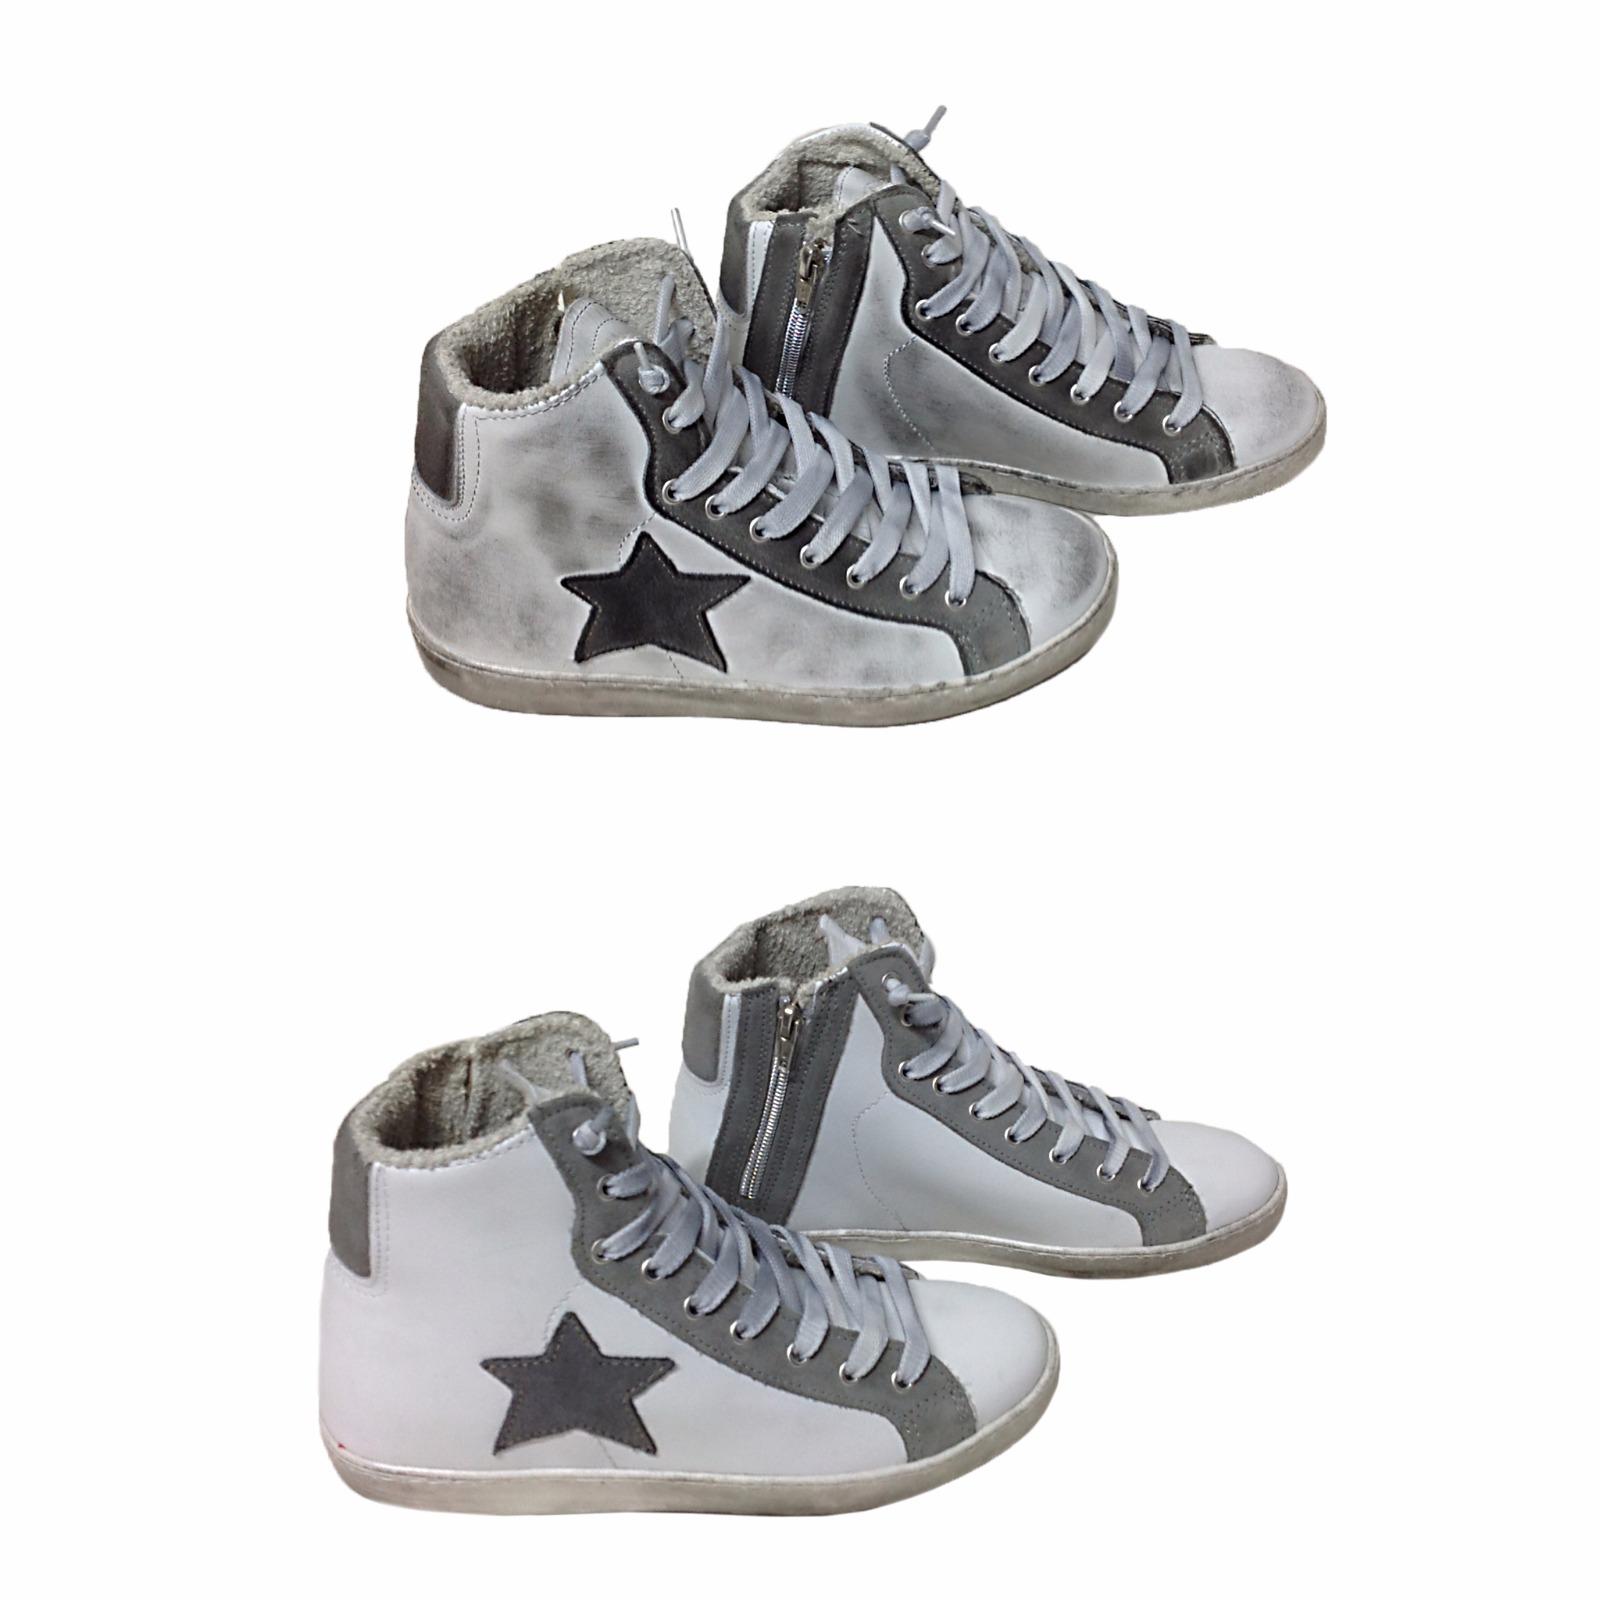 scarpe sneakers alte uomo pelle bianco grigio bicol stella sfumato Via  Condotti 50abfd45293